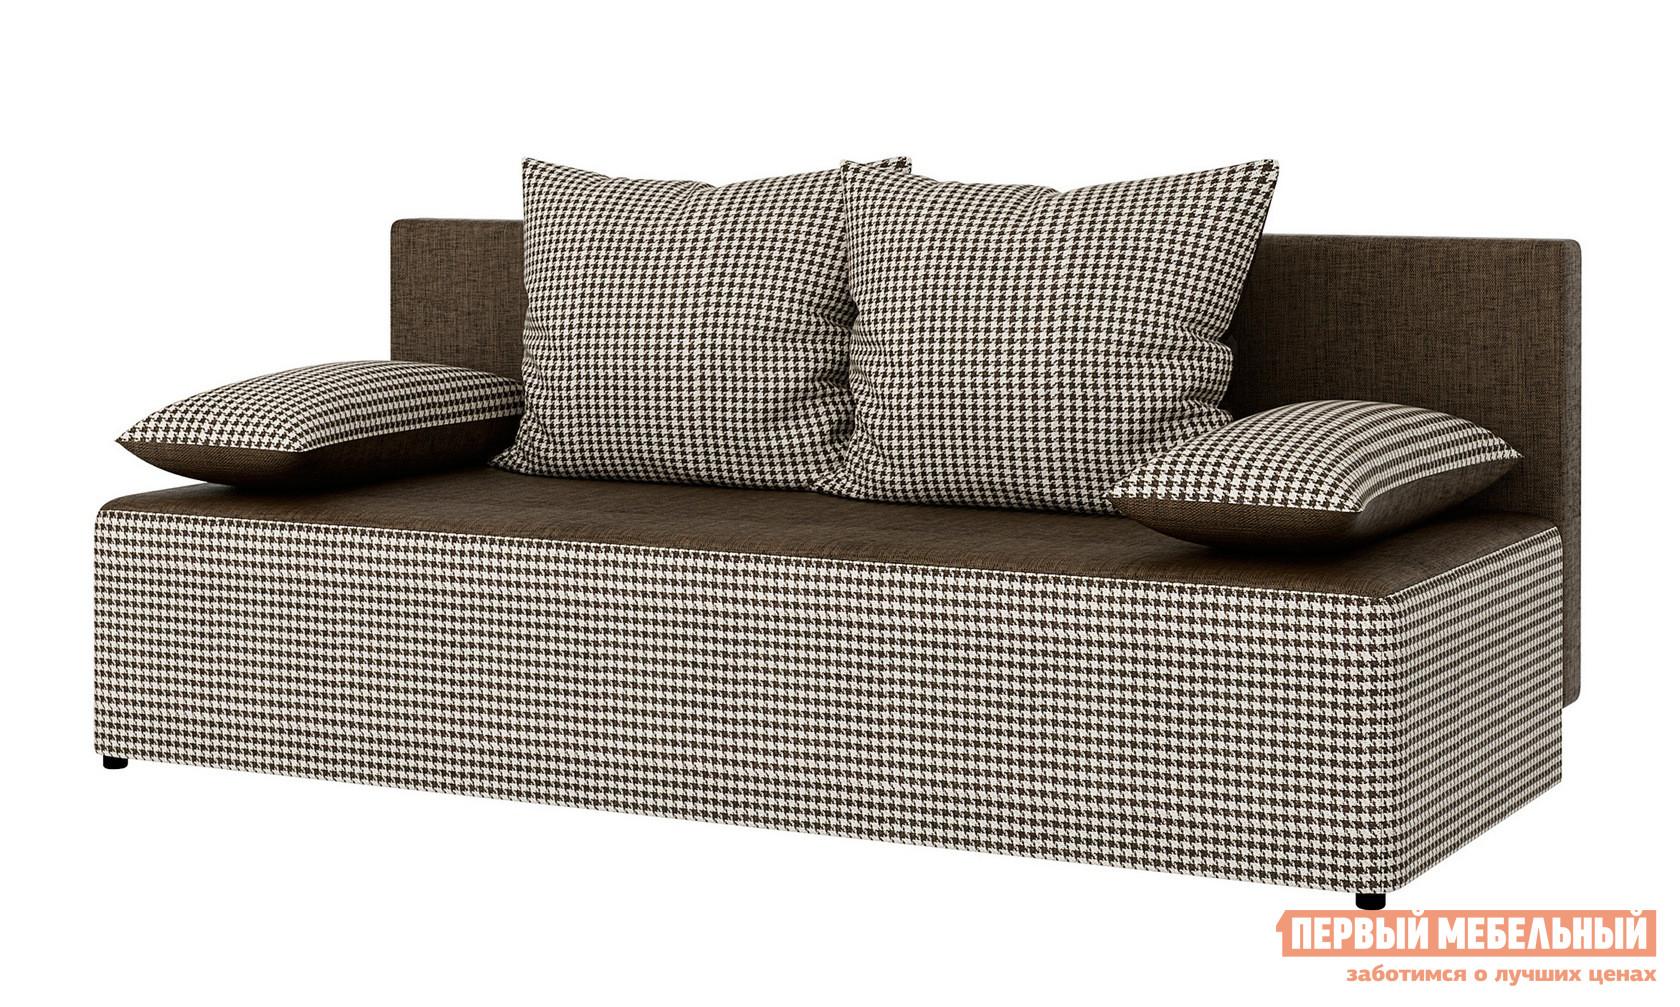 Диван СтолЛайн Луис Pepitka C11+C99 / Panama uni 230Диваны<br>Габаритные размеры ВхШхГ 730x1850x800 мм. Прямой диван без подлокотников Луис выглядит стильно и легко.  Модель сделана в приятных бежевых или коричневых оттенках с оформлением подушек и основания классической тканью в рубчик.  Диван достаточно универсален для гостиной, молодежной комнаты или современной квартиры-студии.  Компактные размеры этой модели позволят визуально не нагружать пространство, сделав его уютным и комфортным. Диван раскладывается, образуя спальное место 1300 х 1850 мм.  Модель может выступать и как часть зоны для отдыха, и как полноценная кровать в комнате.  Механизм «еврокнижка» удобен и прост в использовании, раскладывание дивана занимает считанные мгновения.  Внутри спрятано отделение для постельных принадлежностей.  В комплекте четыре декоративные подушкиТкань на основании и спинке — практичная однотонная рогожка.  Для наполнения используется ППУ.<br><br>Цвет: Коричневый<br>Цвет: Бежевый<br>Высота мм: 730<br>Ширина мм: 1850<br>Глубина мм: 800<br>Кол-во упаковок: 2<br>Форма поставки: В разобранном виде<br>Срок гарантии: 18 месяцев<br>Тип: Прямые<br>Тип: Диван-кровать<br>Материал: Ткань<br>Механизм трансформации: Еврокнижка